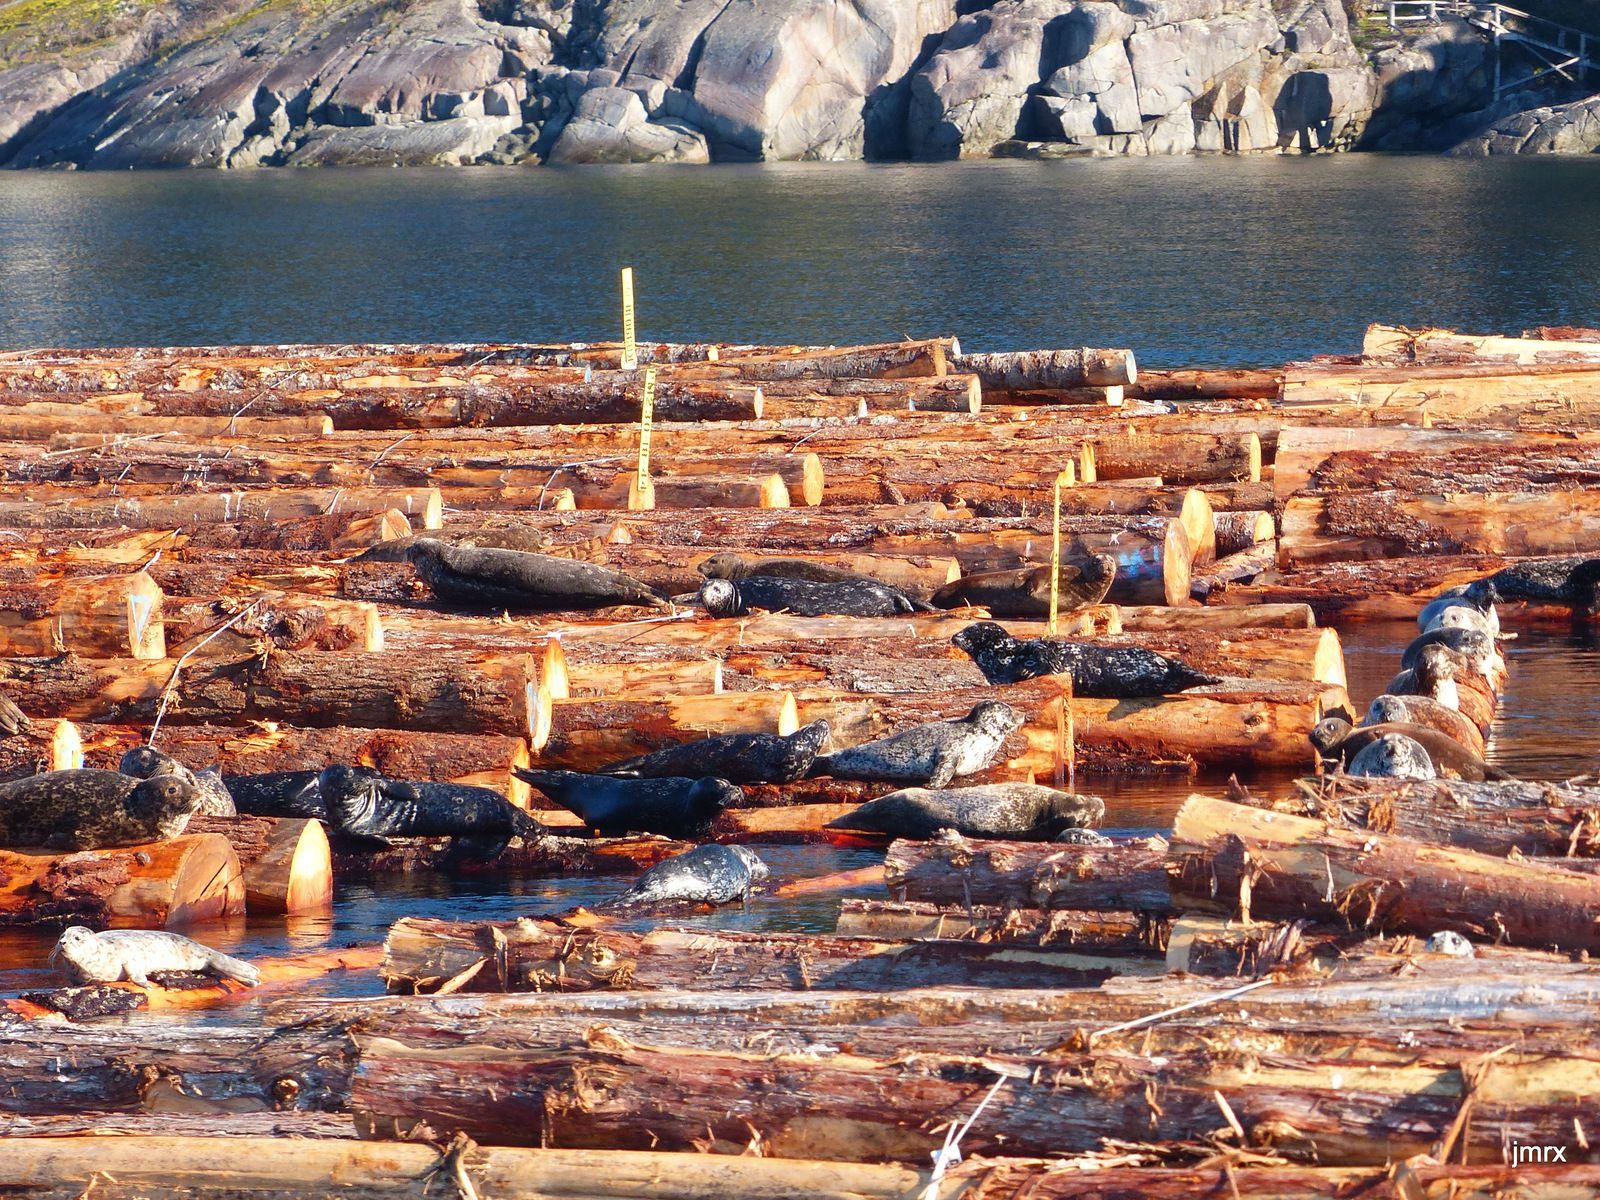 Gowland Harbour à l'automne paré de ses couleurs ocres, la beauté malgré une industrie forestière omniprésente. .